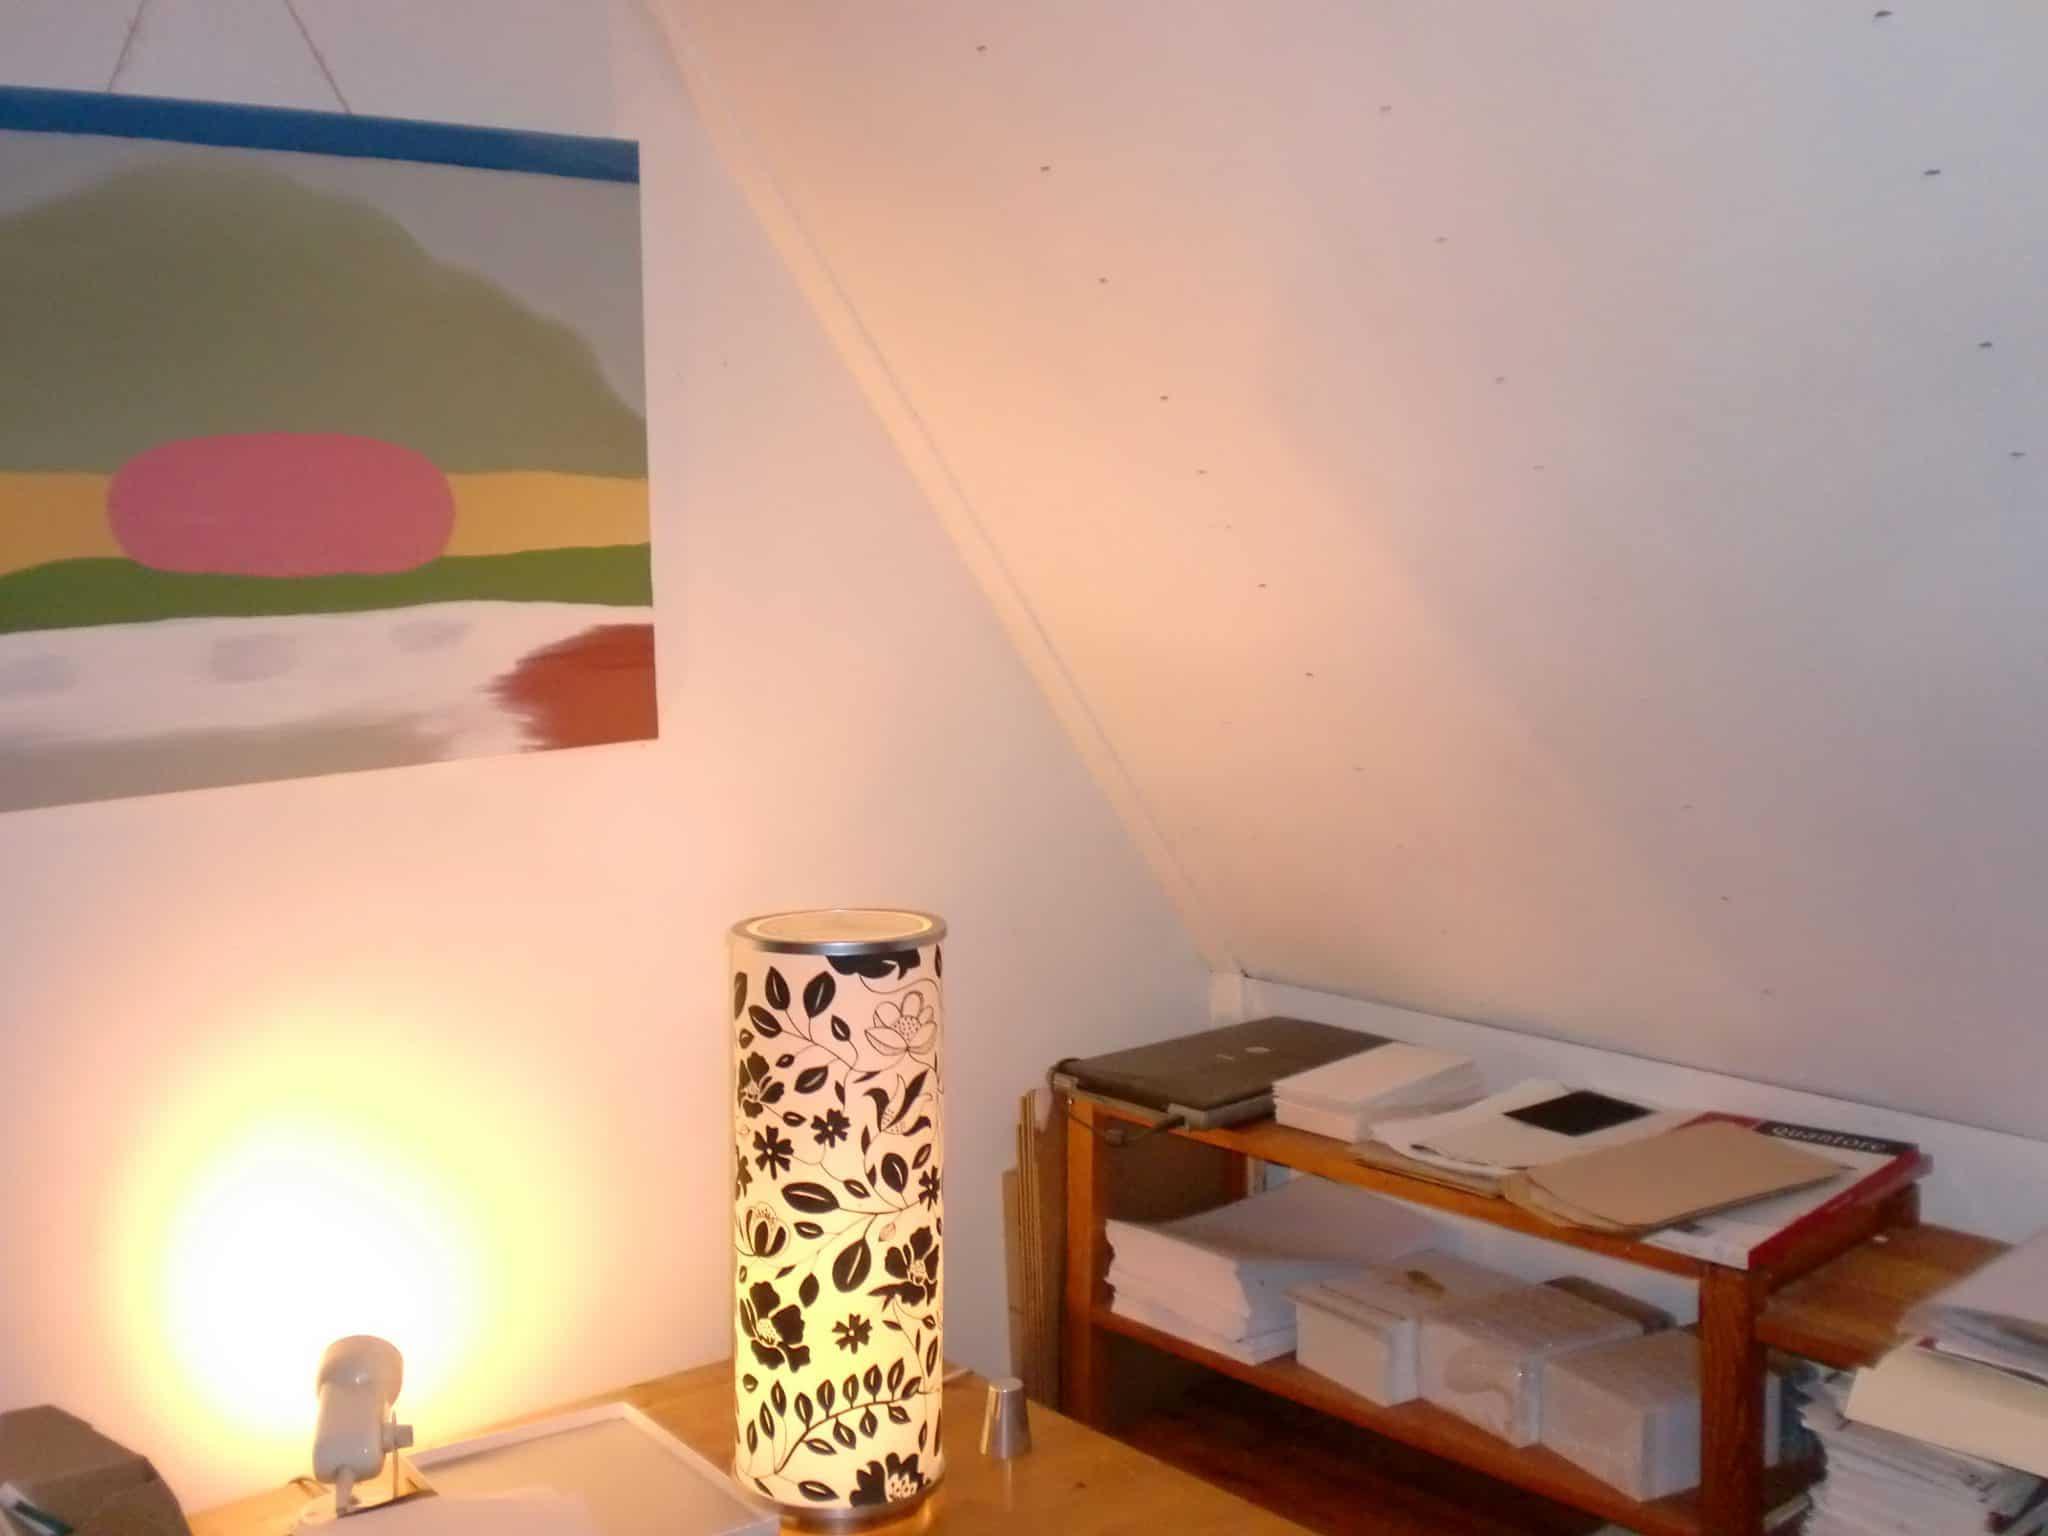 Muur schilderij woonkamer woonkamer muur verven eetkamer muur